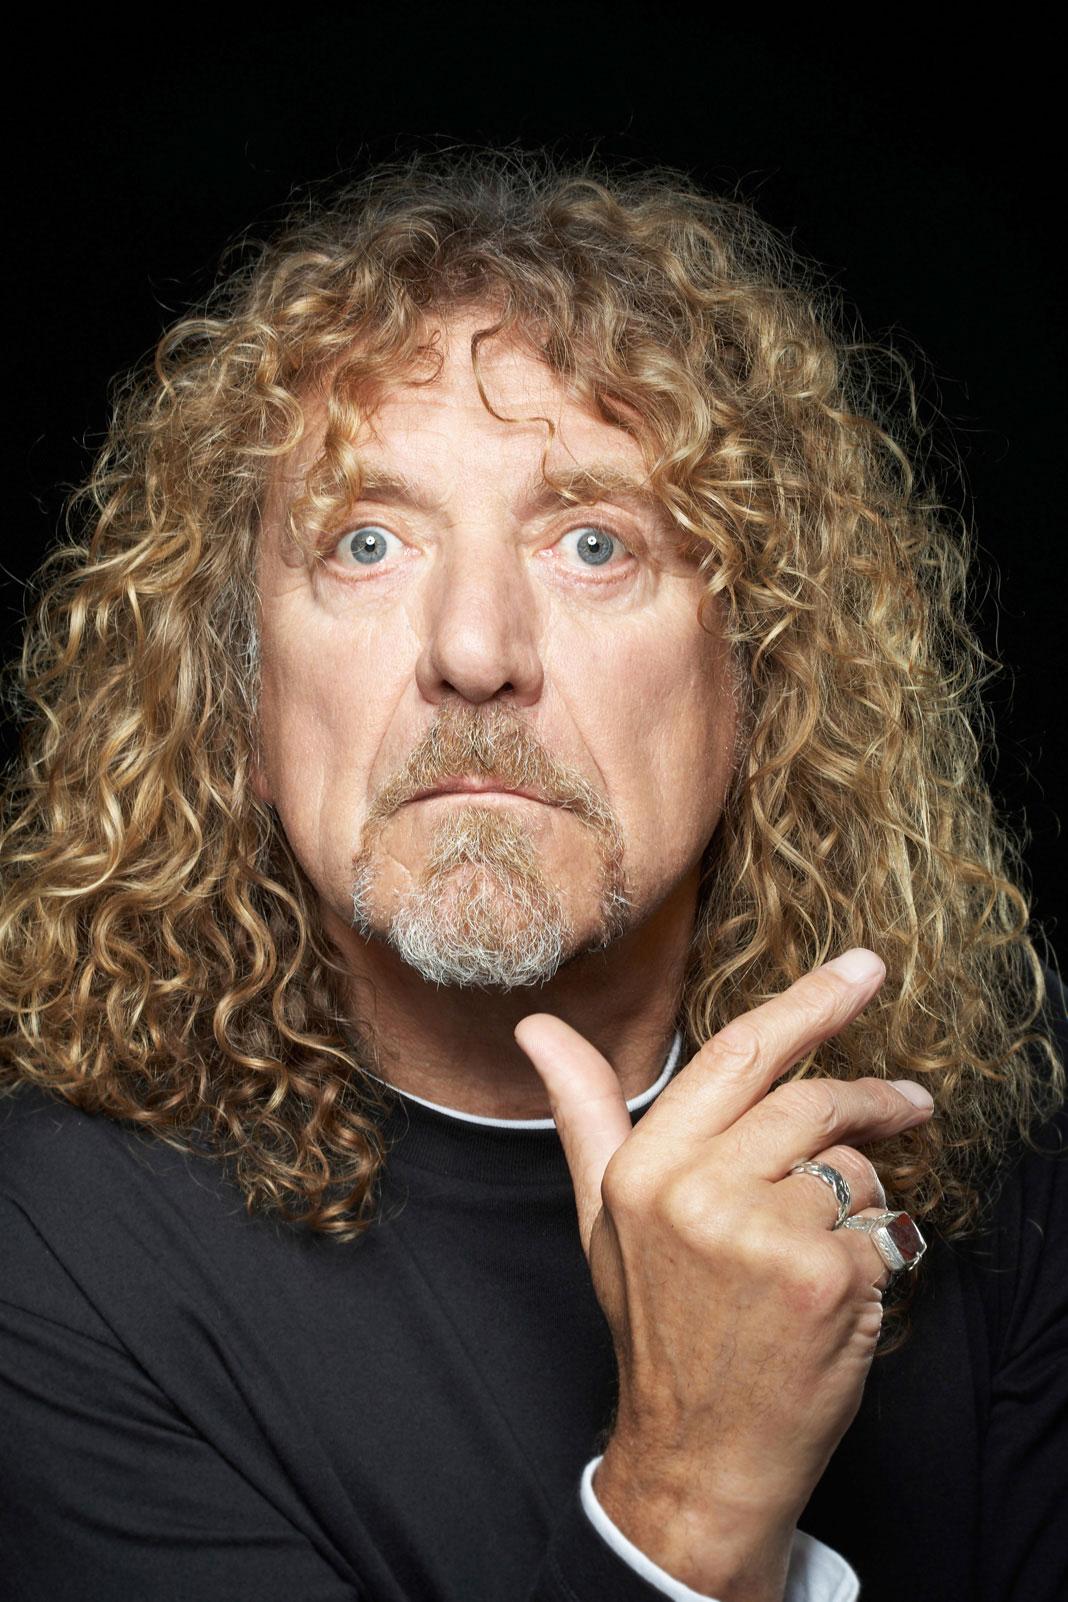 Led Zeppelin's Robert Plant headhsot image by Russ Harrington